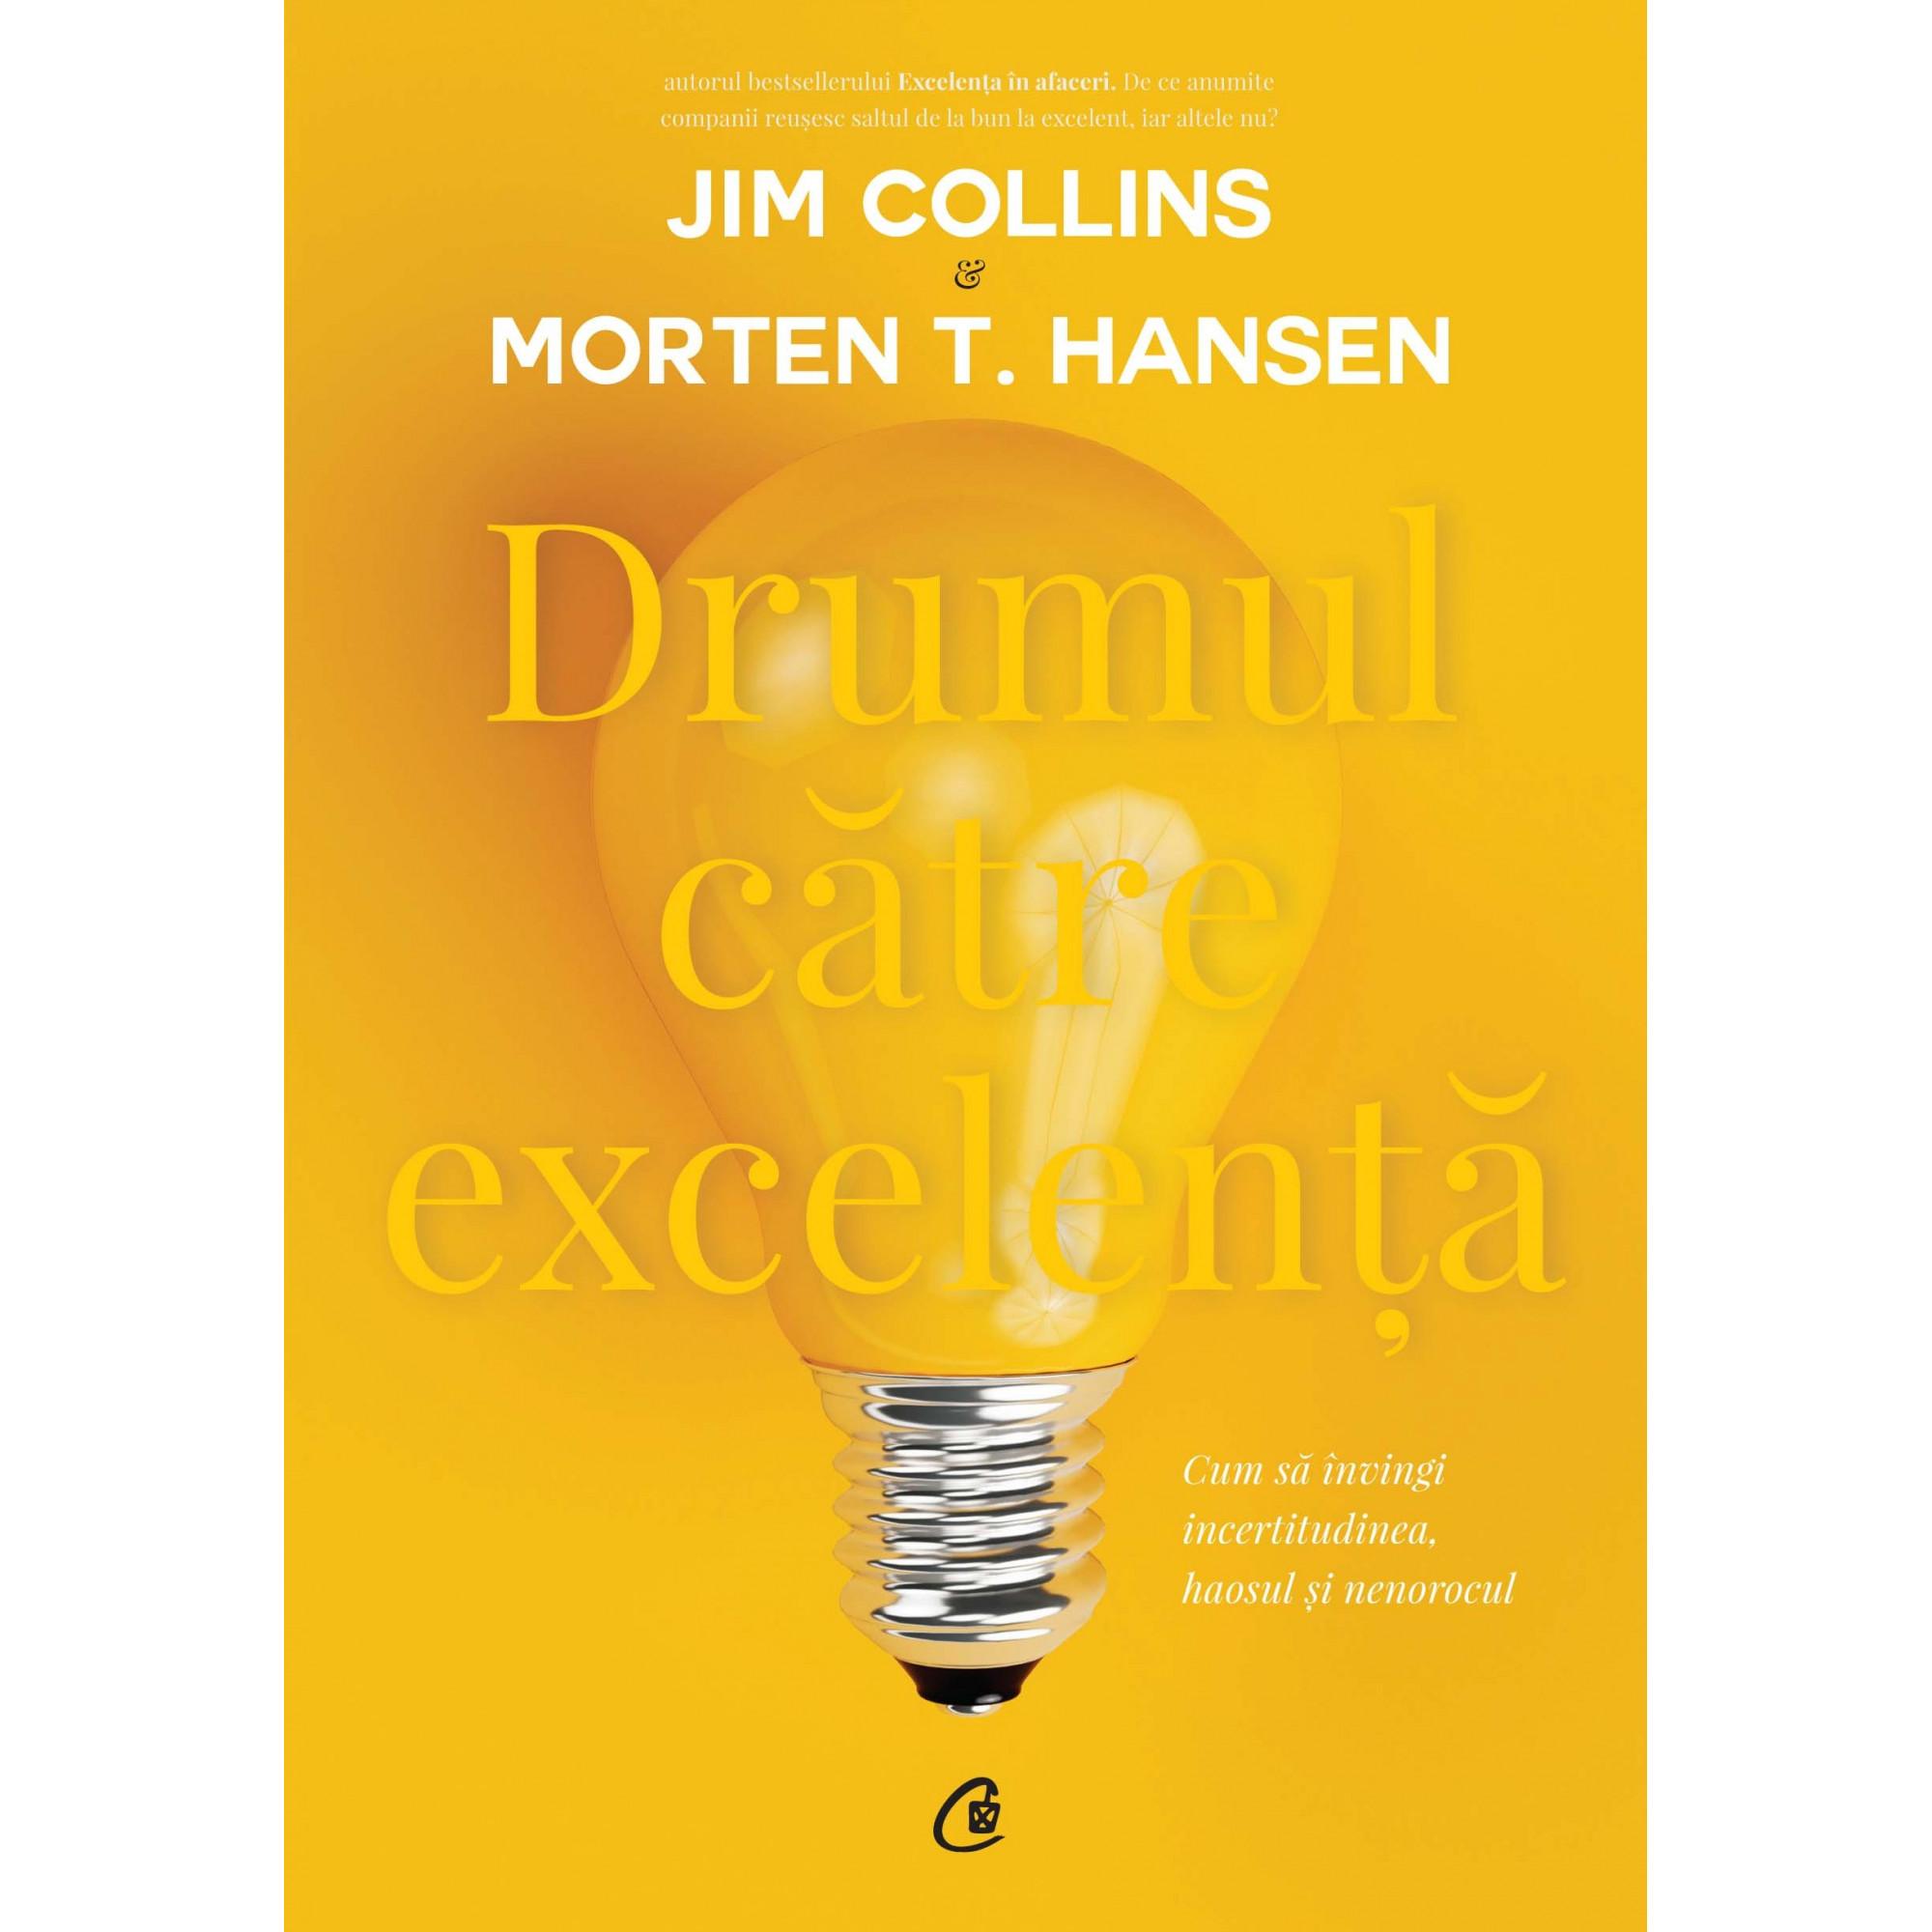 Drumul către excelență. Cum să învingi incertitudinea, haosul și nenorocul; Jim Collins, Morten T. Hansen